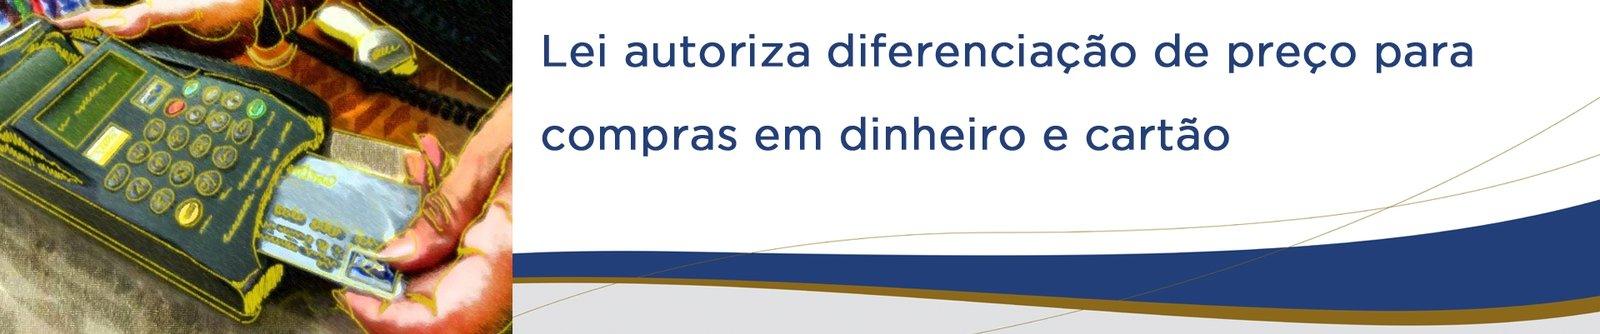 Lei autoriza diferenciação de preço para compras em dinheiro e cartão